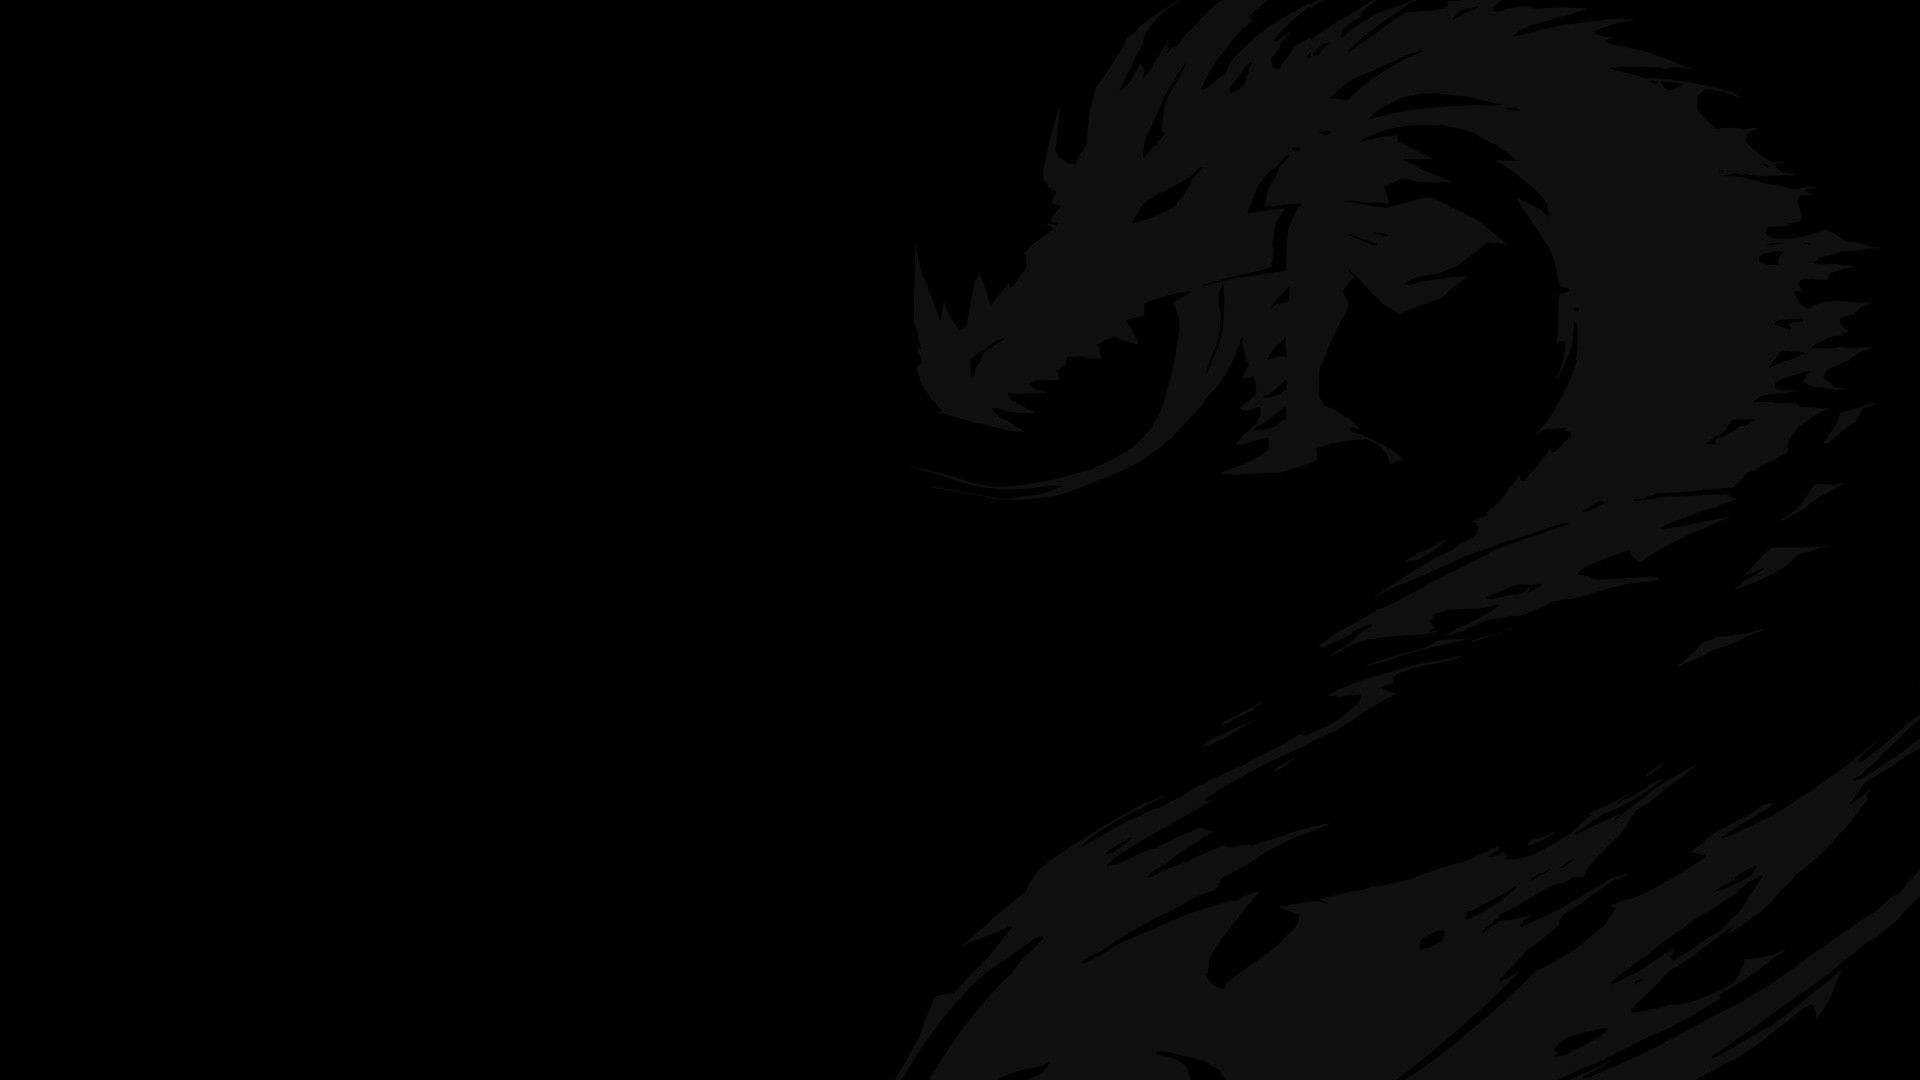 cool black desktop background